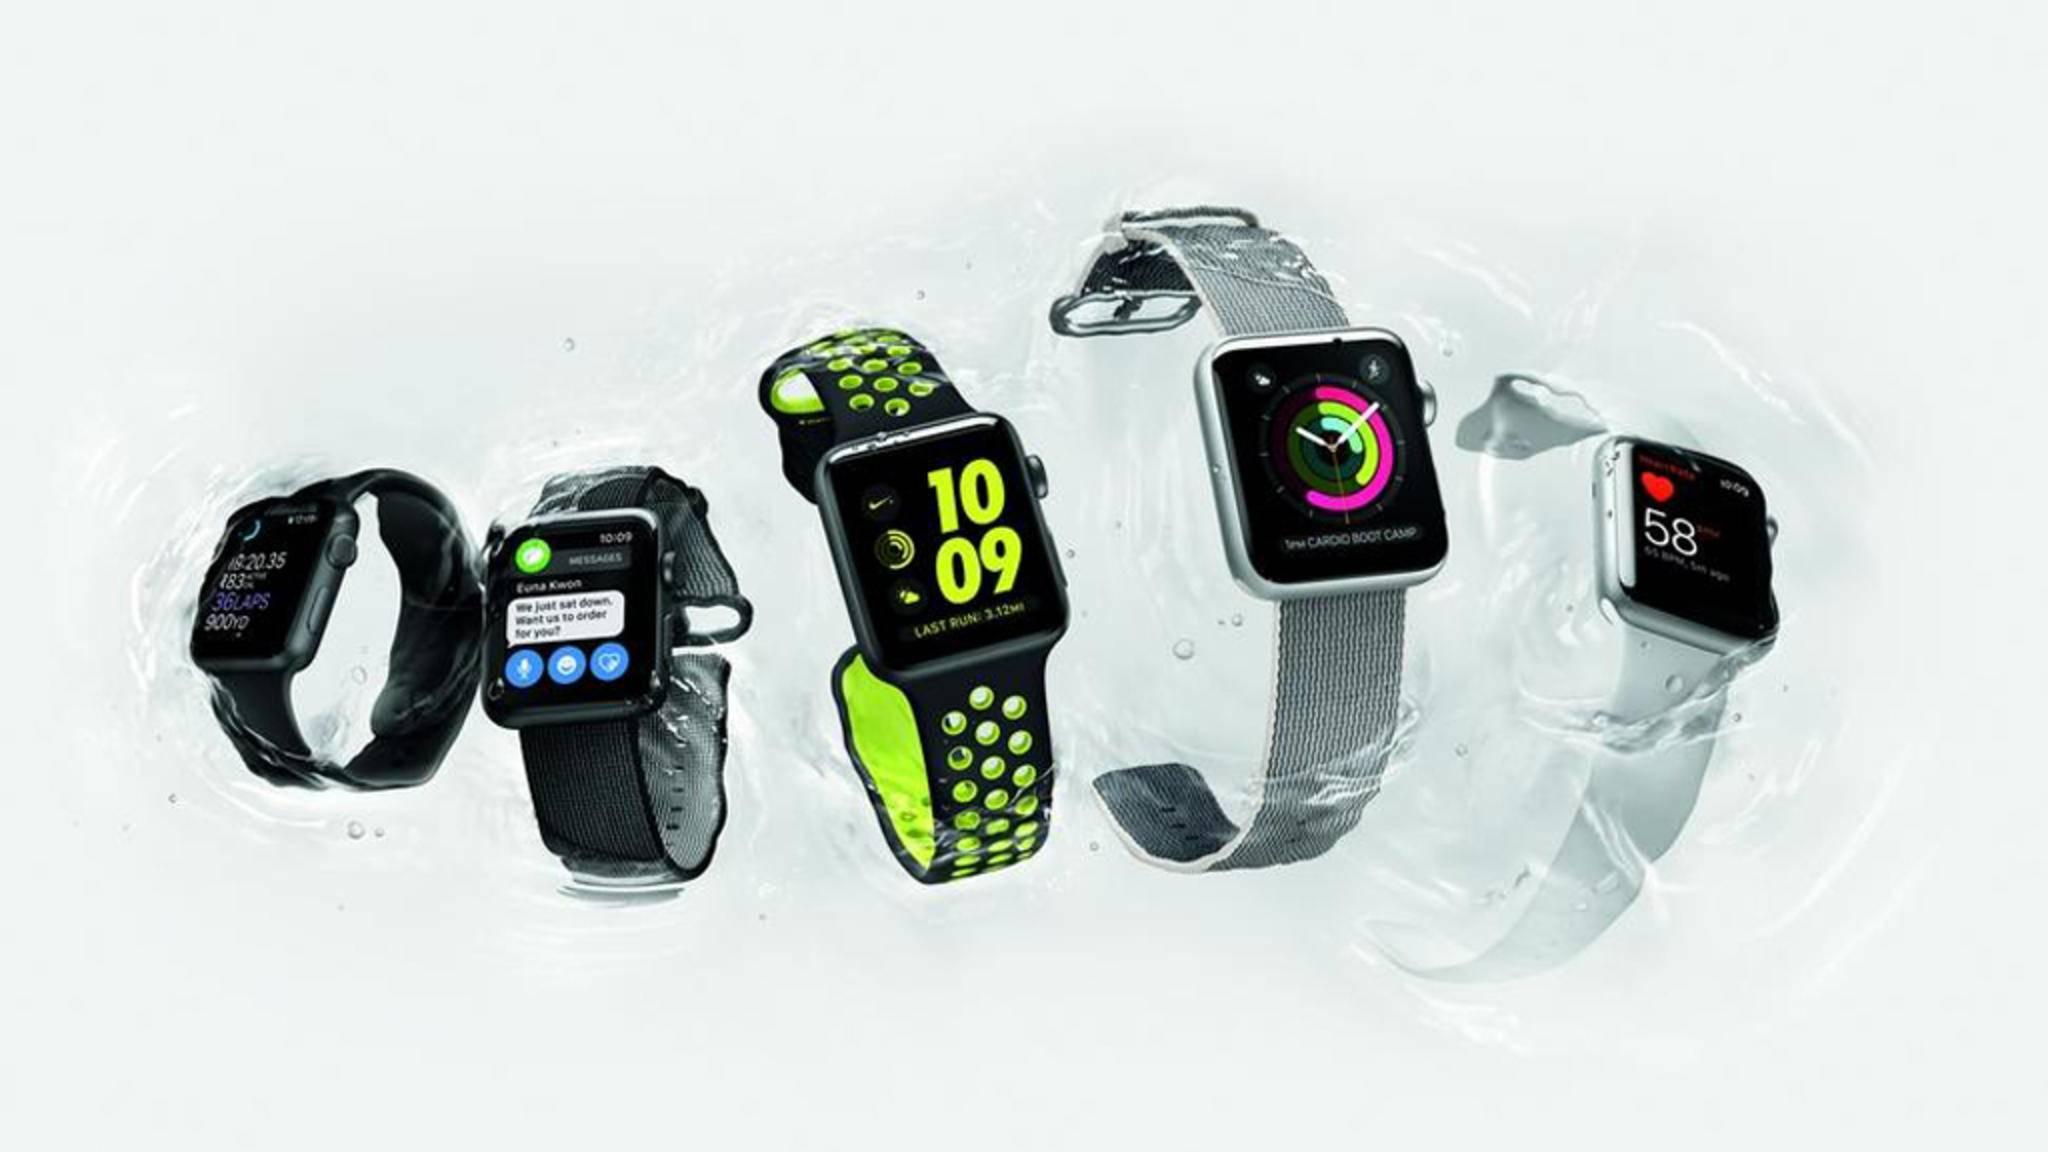 Nachrichten empfangen und direkt beantworten? Für die Apple Watch Series 2 kein Problem.